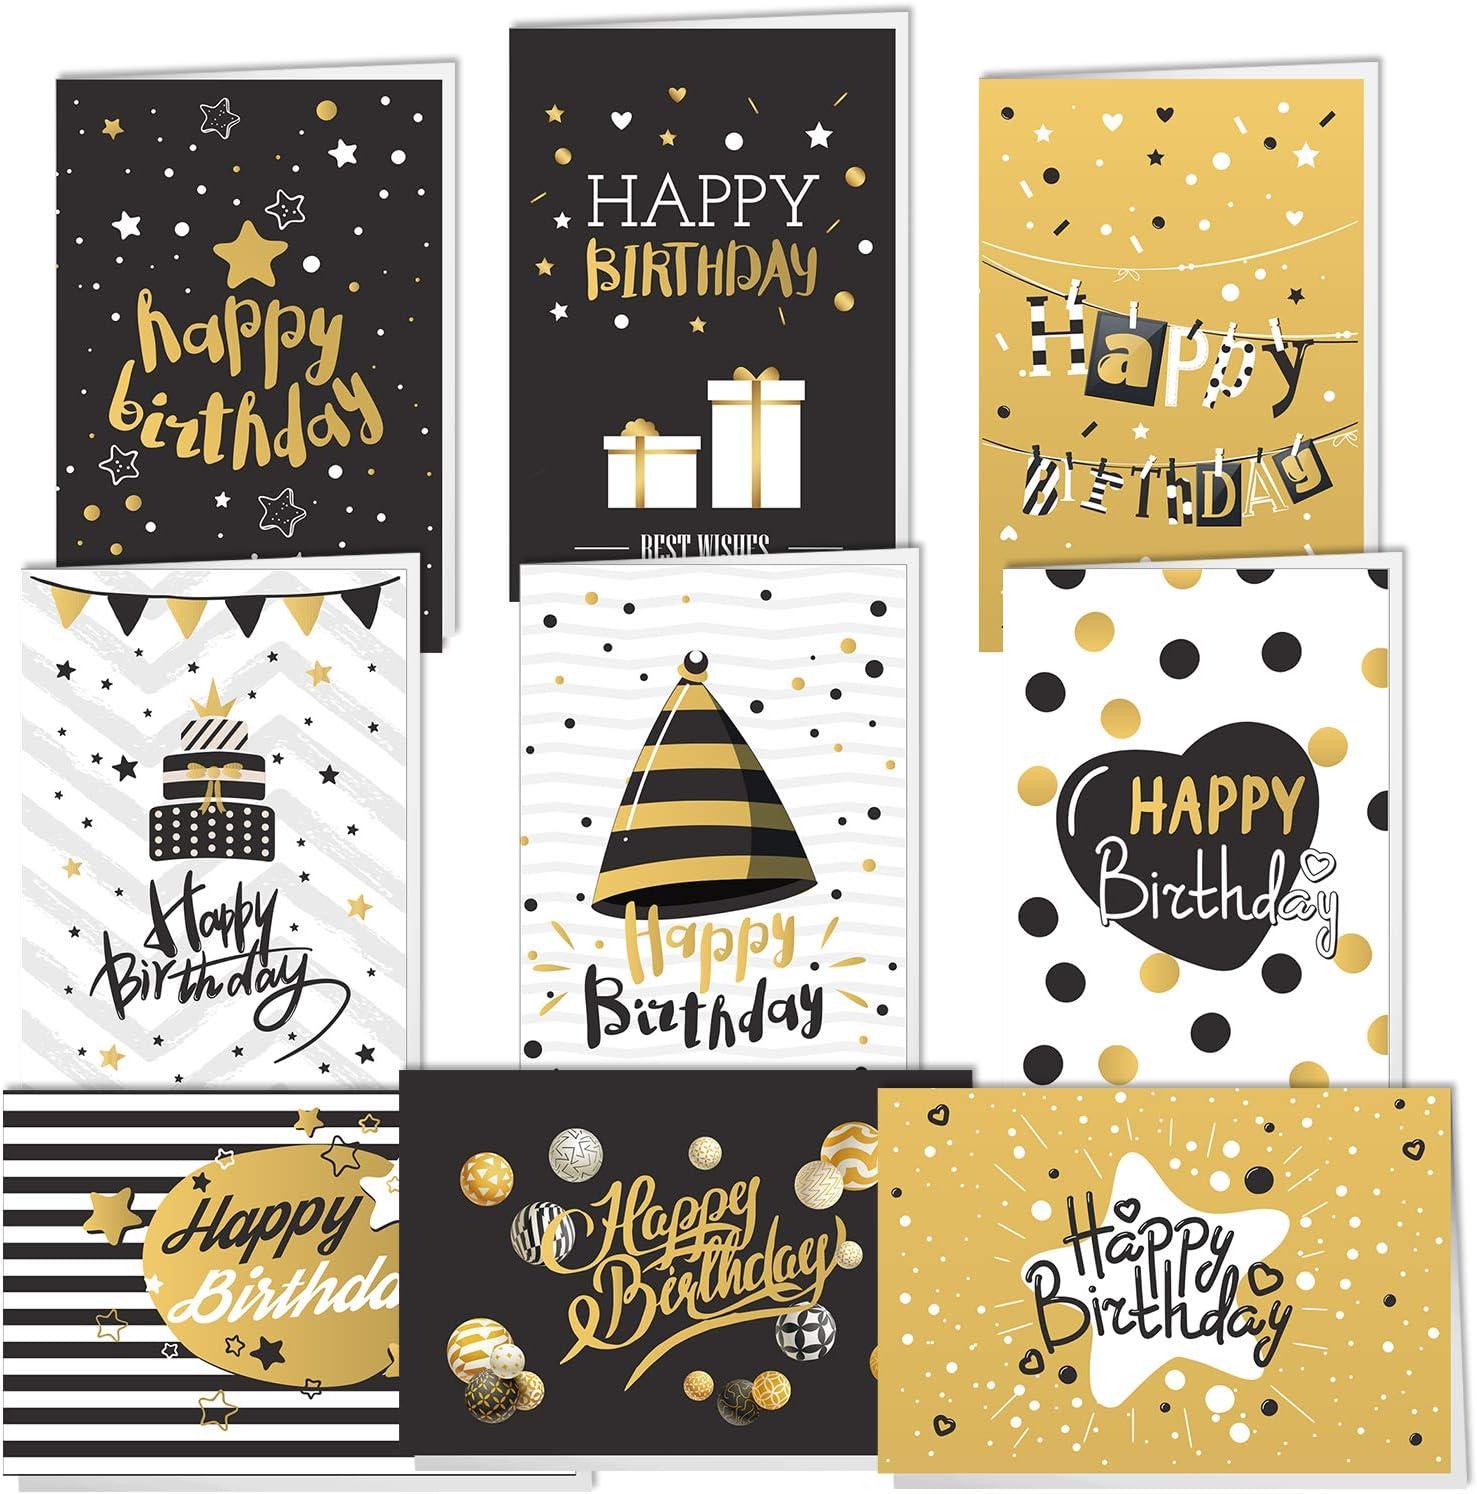 Cartes De Vœux 10 Modeles De Carte Anniversaire Pour Homme Et Femme Kyobo Creations 20 Cartes De Joyeux Anniversaire Lot De Cartes De Voeux Blanches A L Interieur Avec Enveloppes Et Autocollants Fournitures